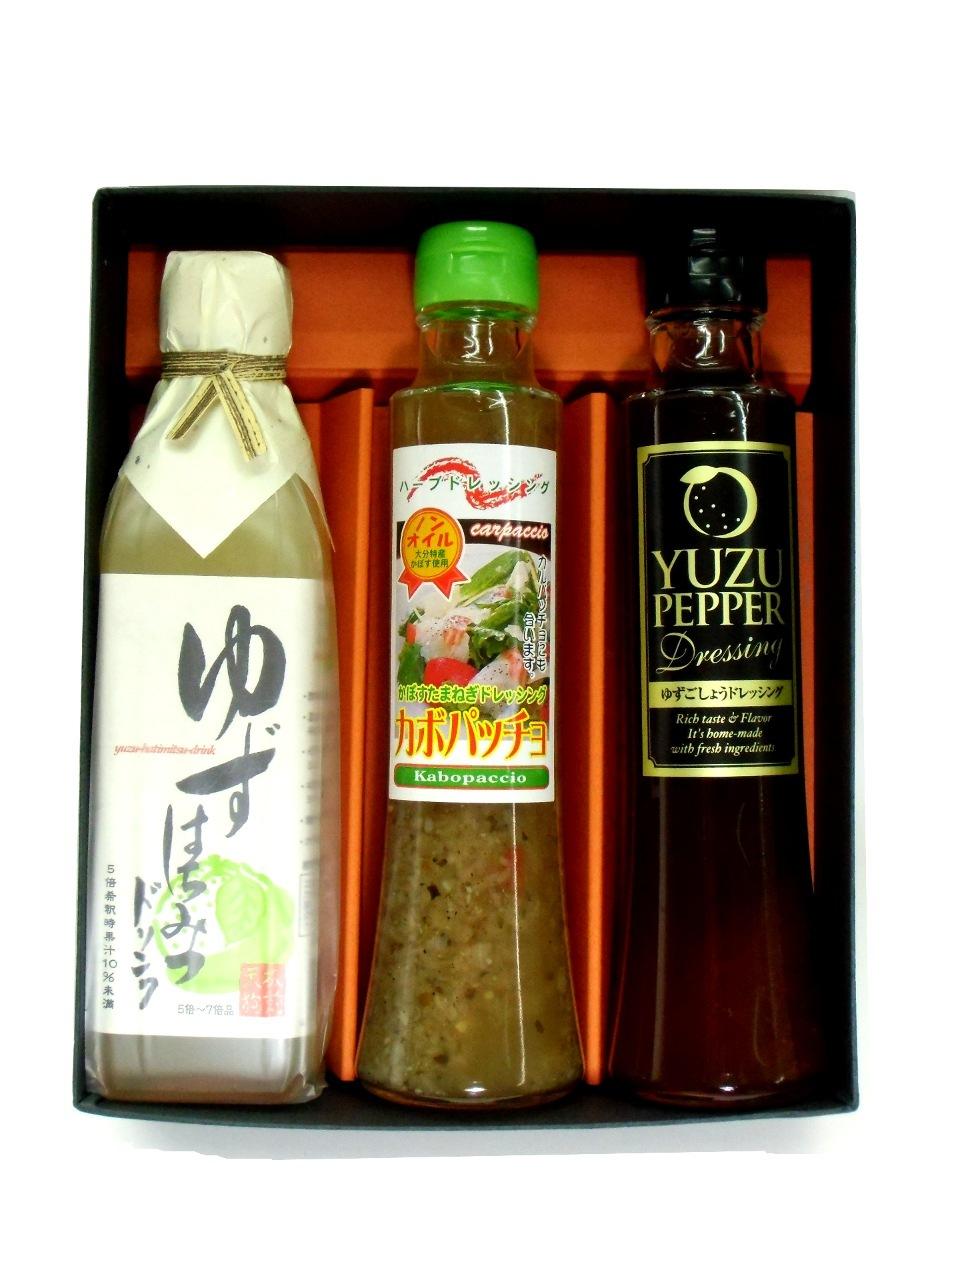 豊前の国の自然の恵みで育った食材をふんだんに使用して作った商品を詰め合わせました。